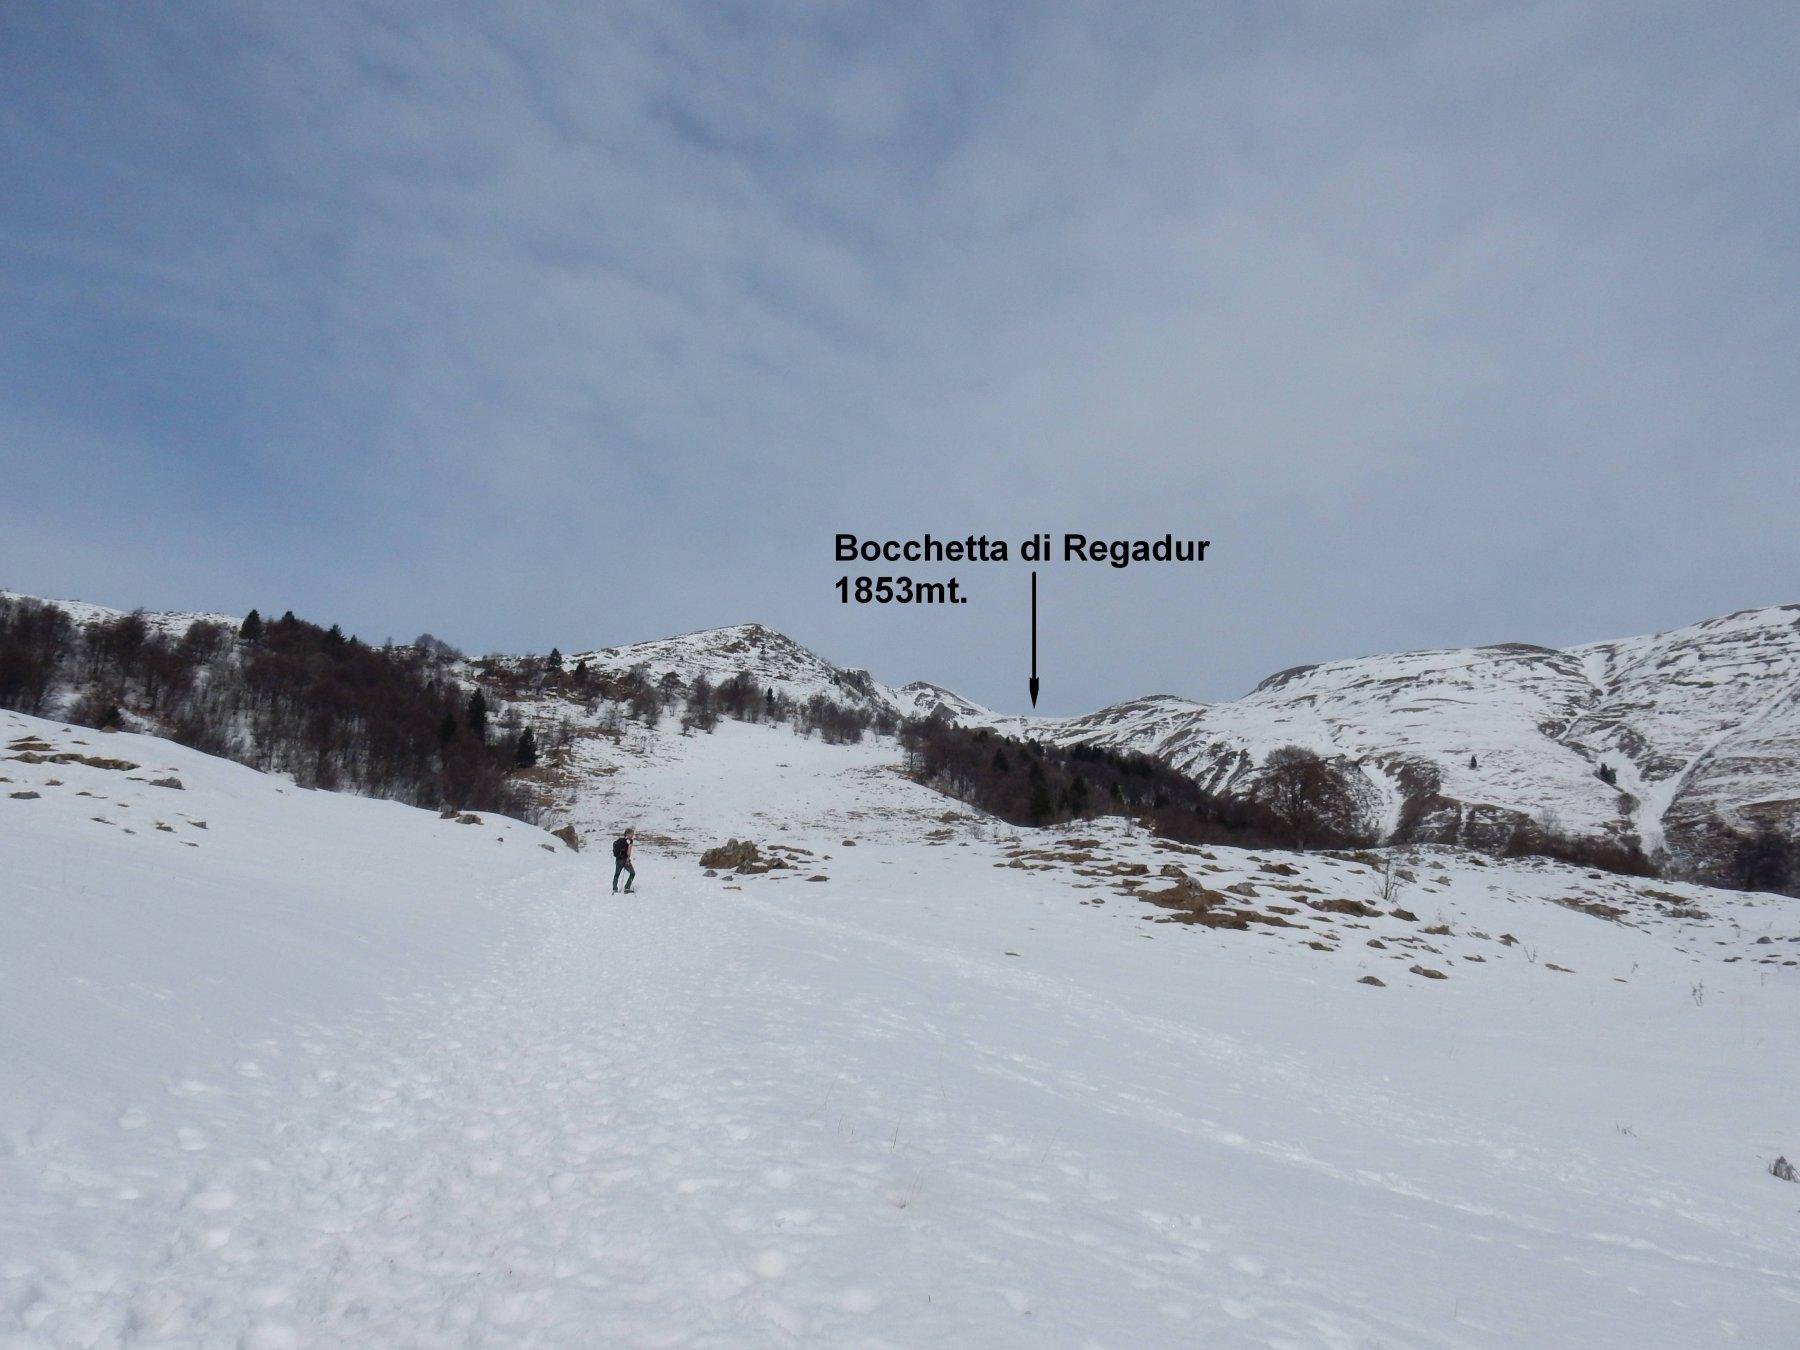 Verso la Bocchetta Regadur.